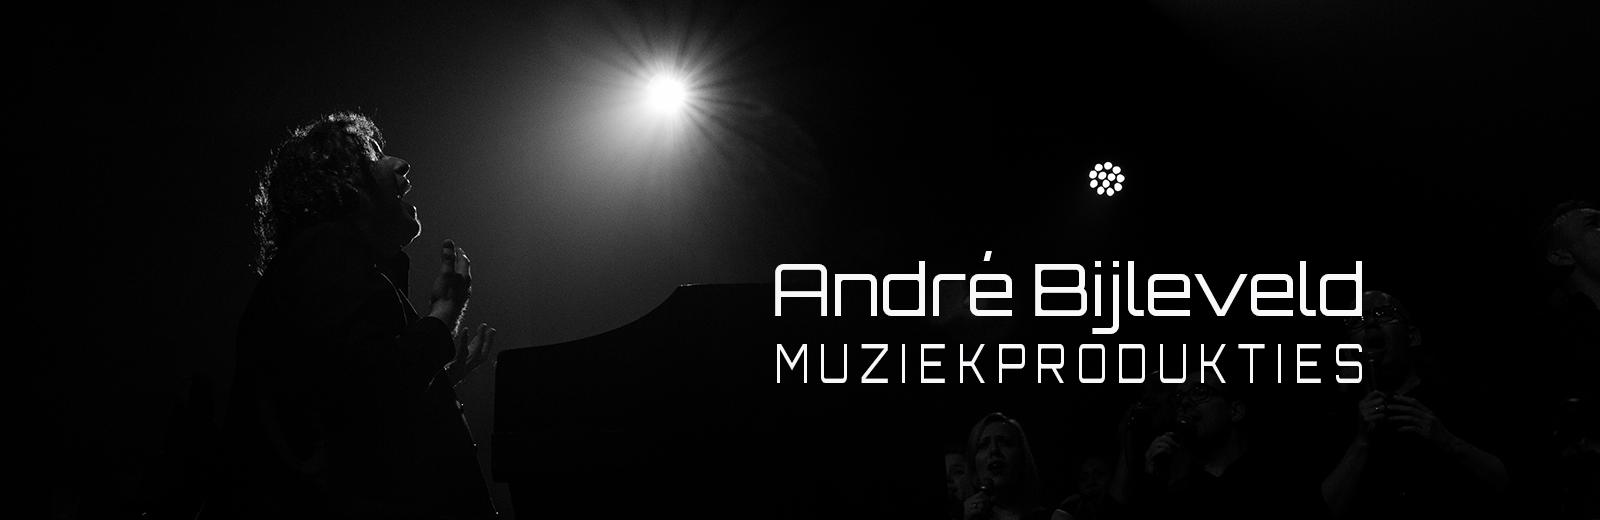 André Bijleveld Muziekprodukties